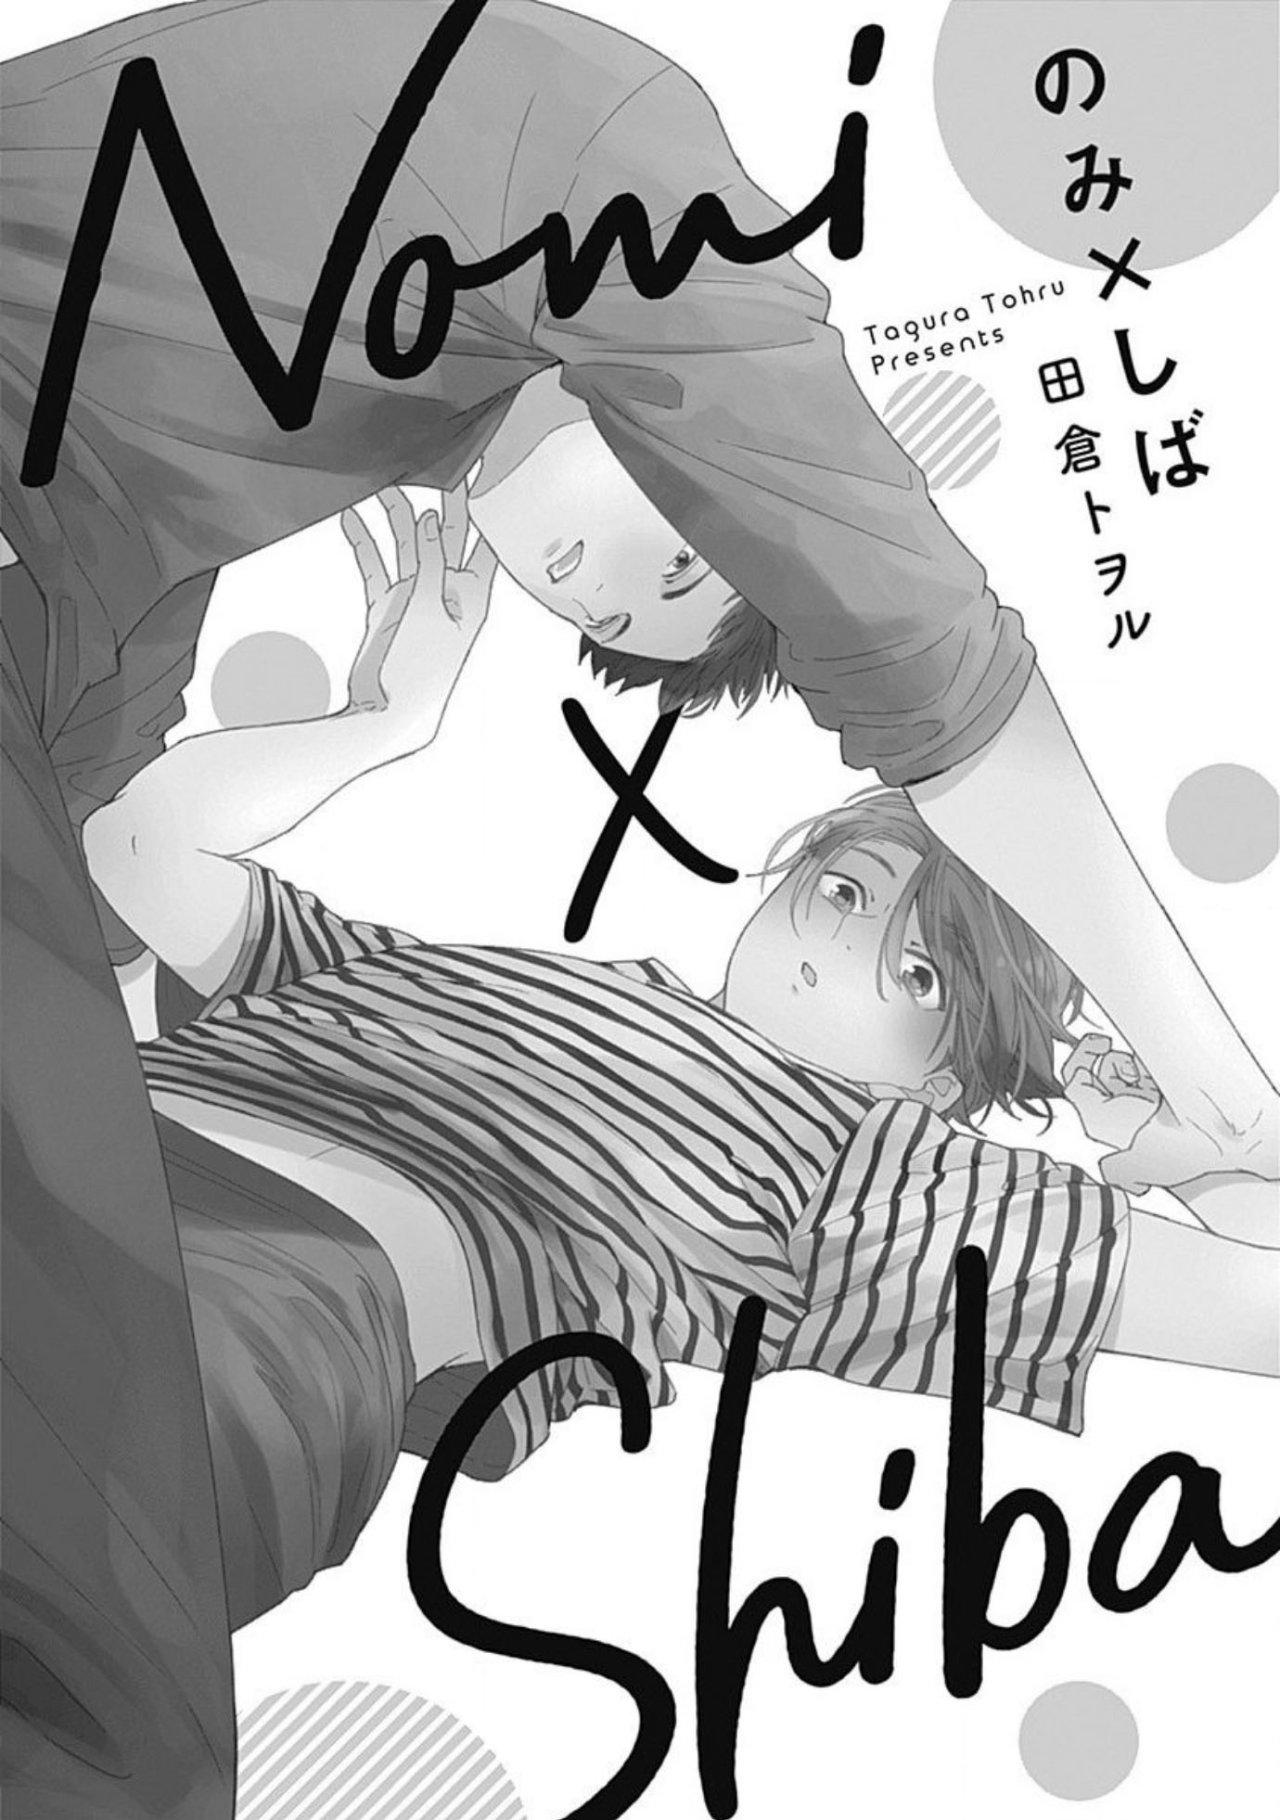 https://nine.mangadogs.com/es_manga/pic8/12/36684/946997/bbb001ba009ed11717eaec9305b2feb6.jpg Page 2